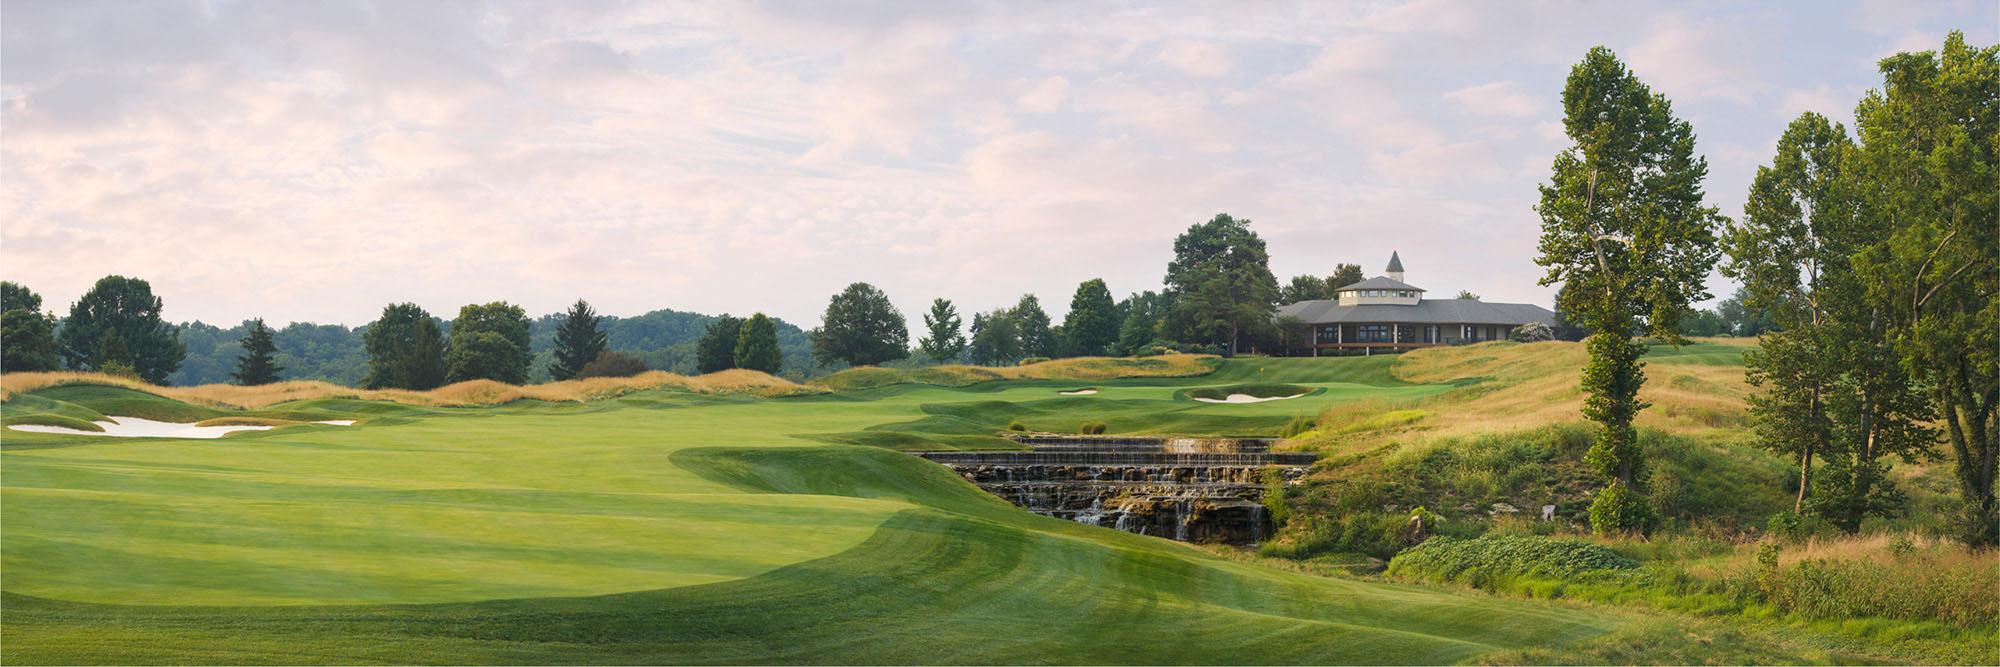 Golf Course Image - Valhalla No. 18